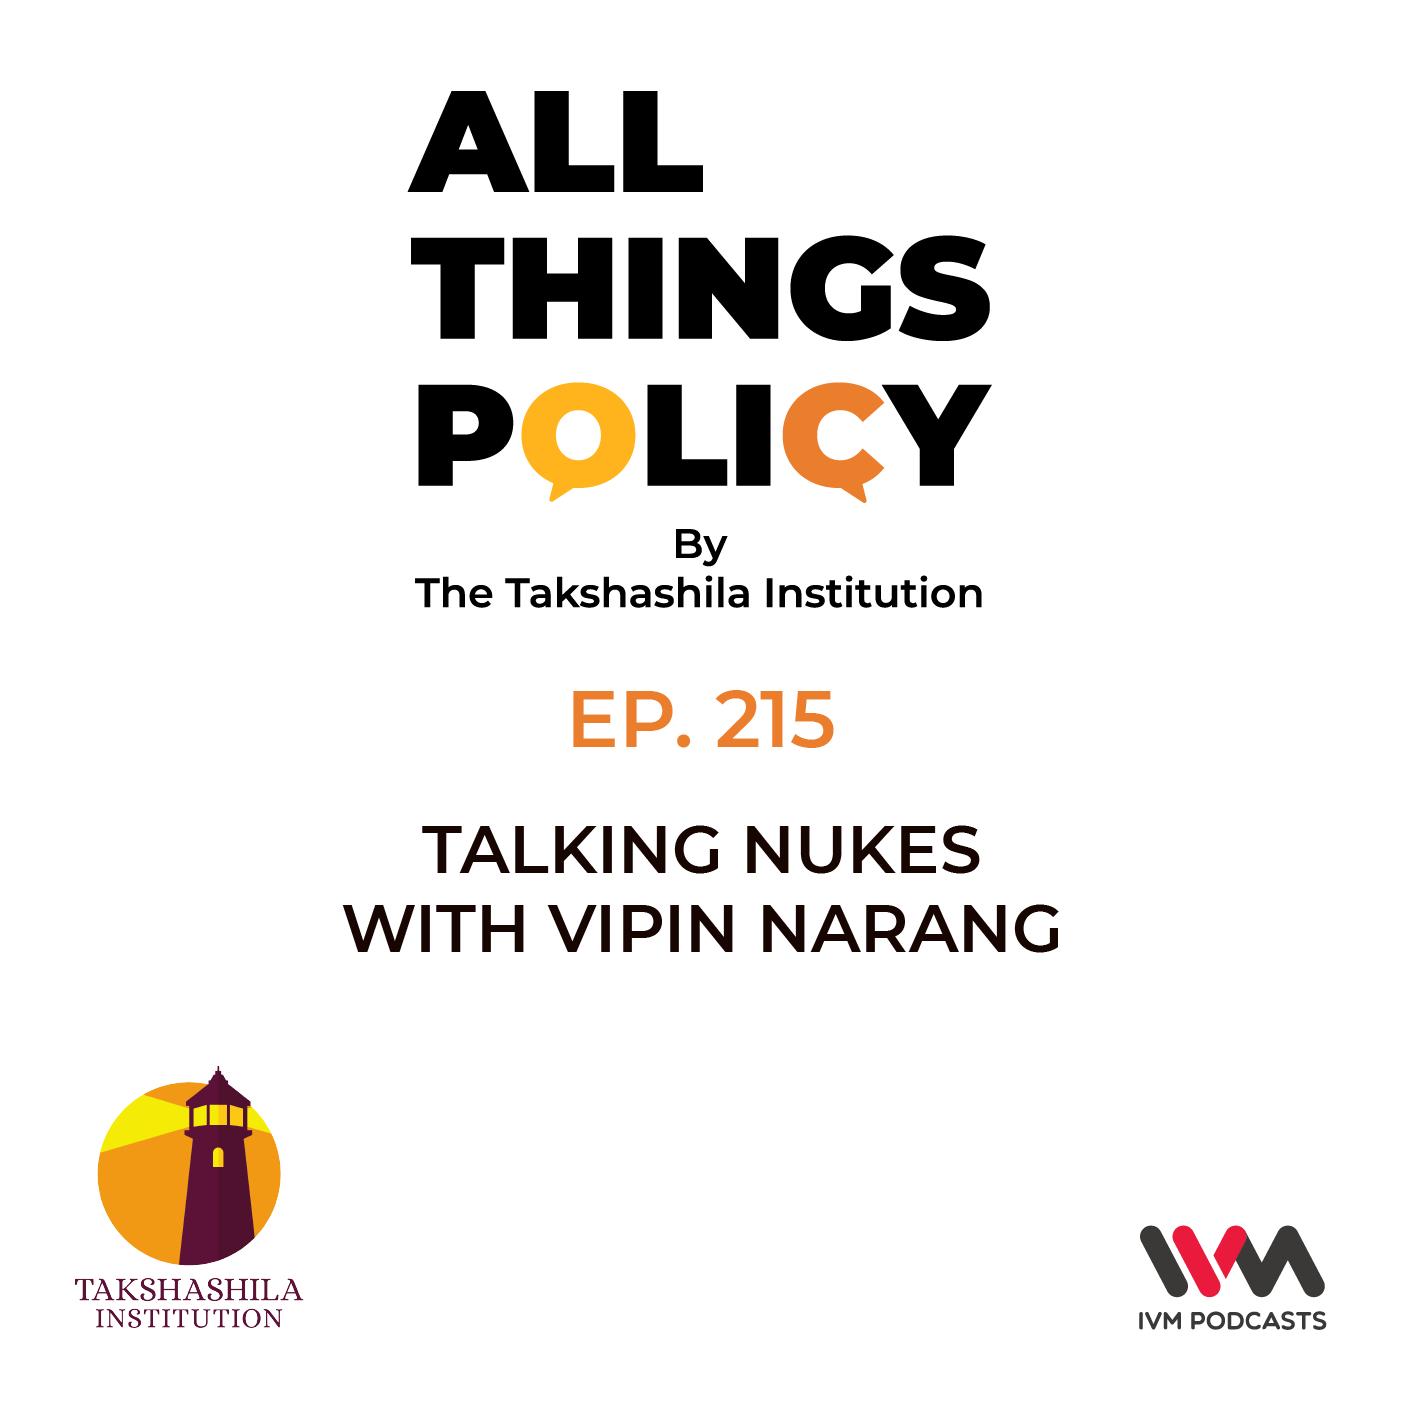 Ep. 215: Talking Nukes with Vipin Narang